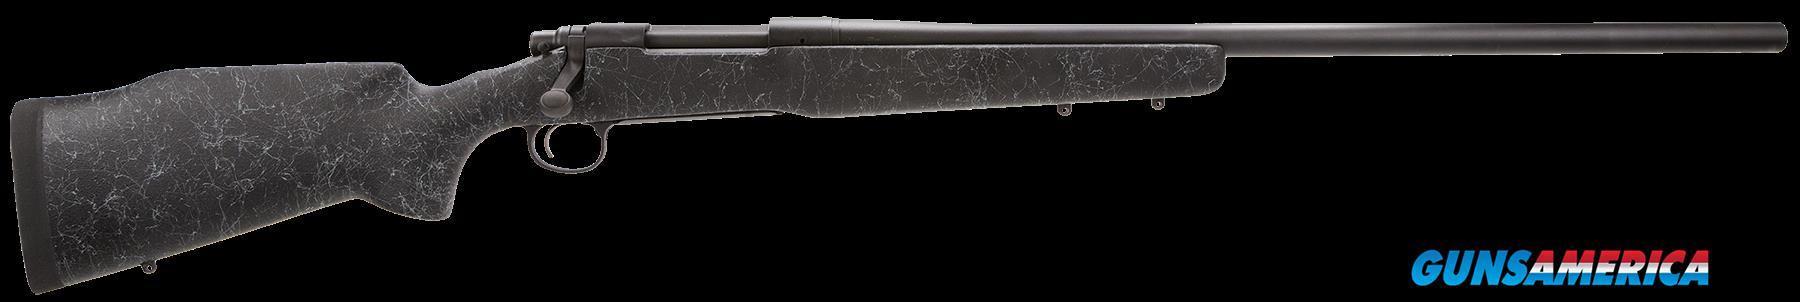 Remington Firearms 700, Rem.84165 700 M40 Lr 300 Rum   Blk-gry  Guns > Pistols > 1911 Pistol Copies (non-Colt)